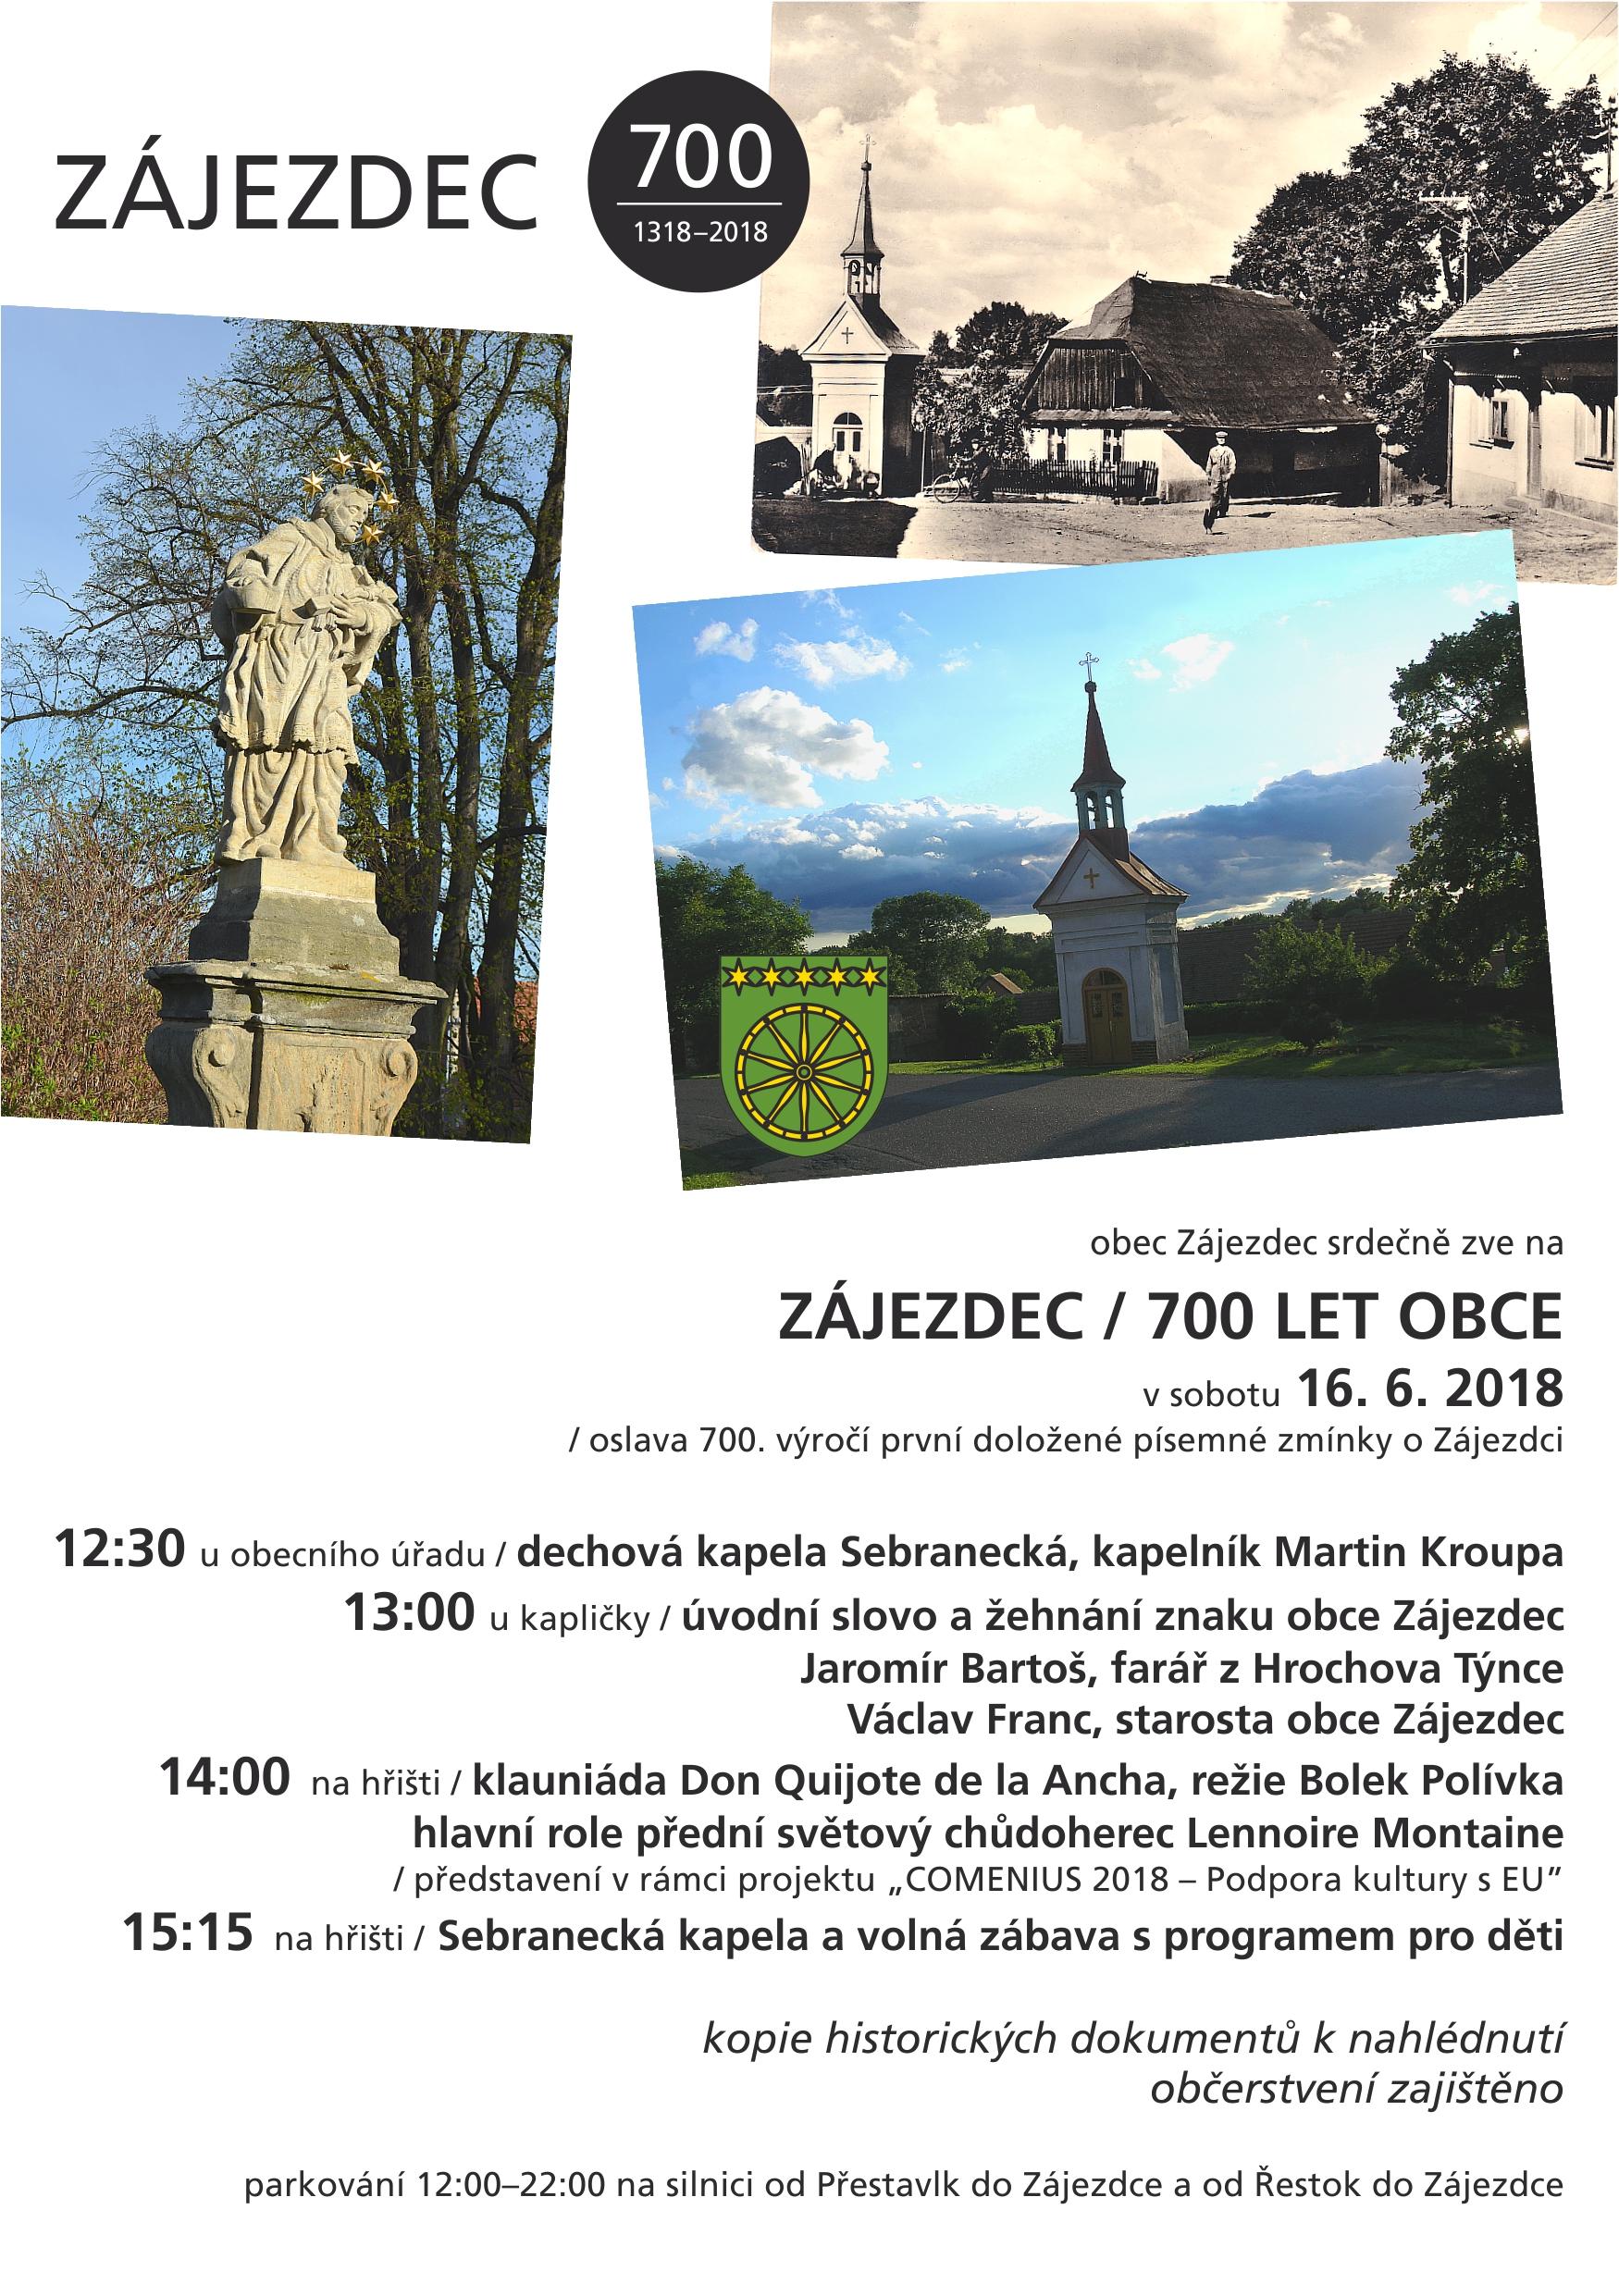 Pozvánka na oslavu 700. výročí obce Zájezdec